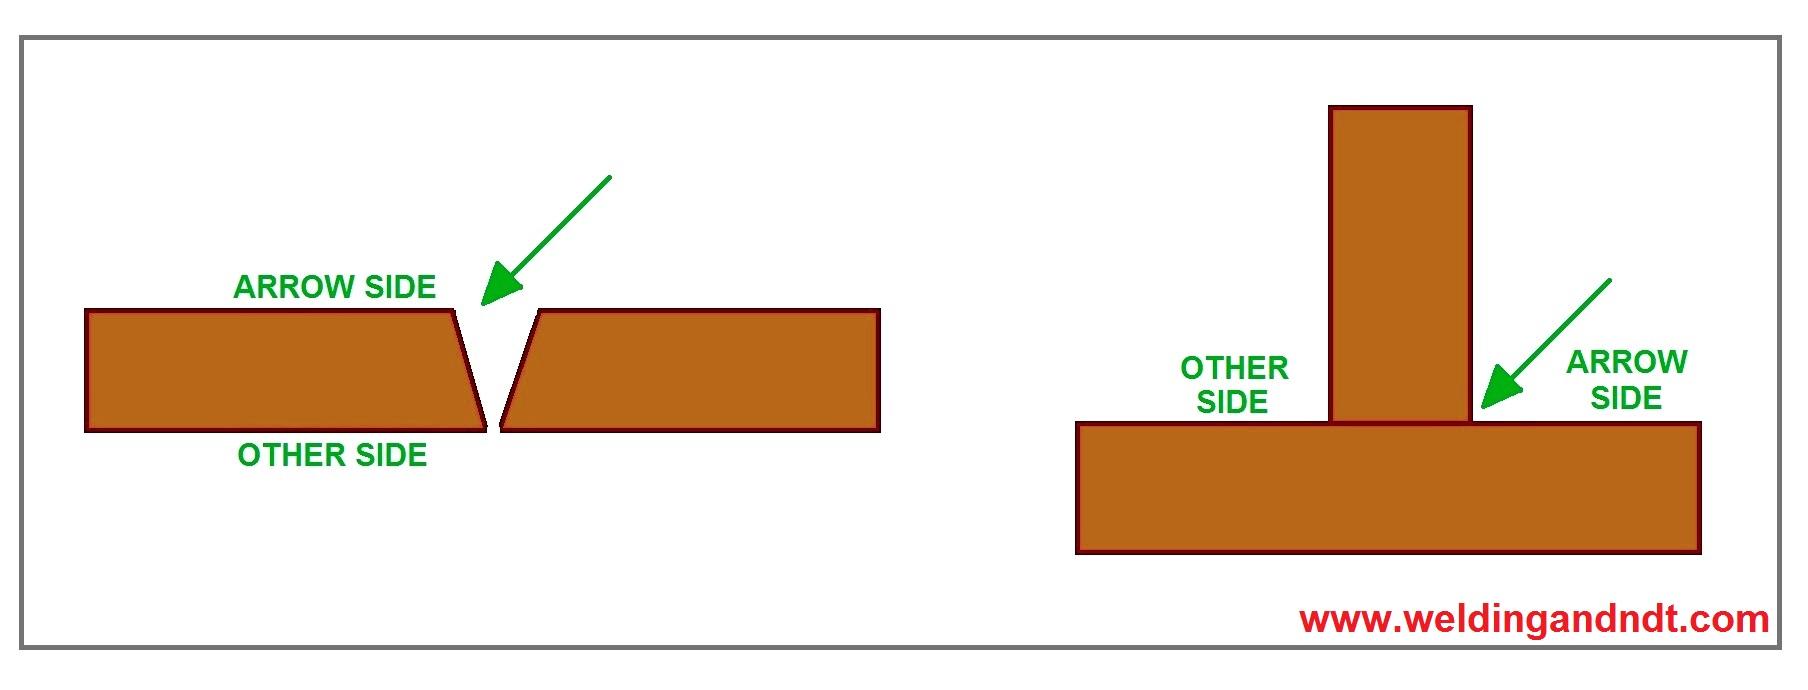 Welding Symbols Part 1 Welding And Ndt